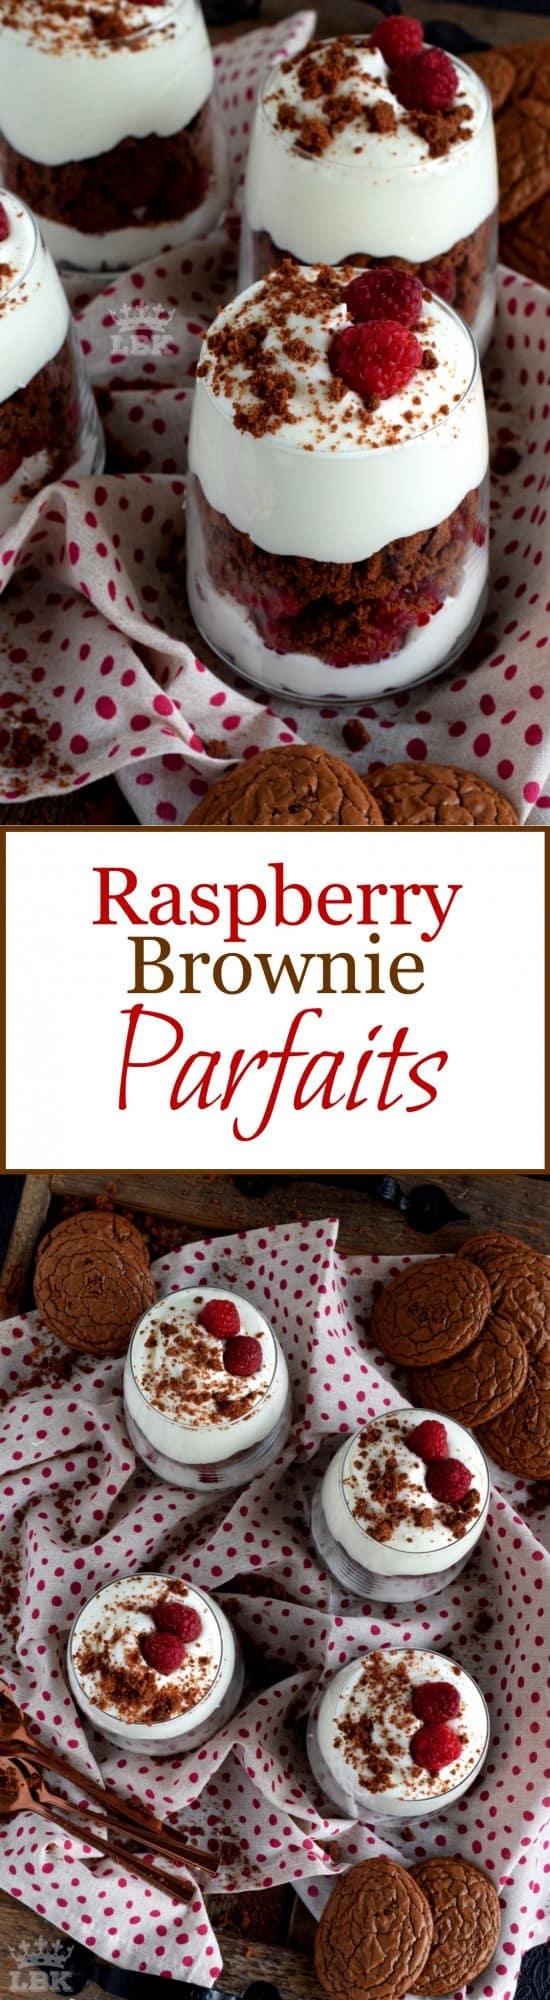 Raspberry Brownie Parfaits